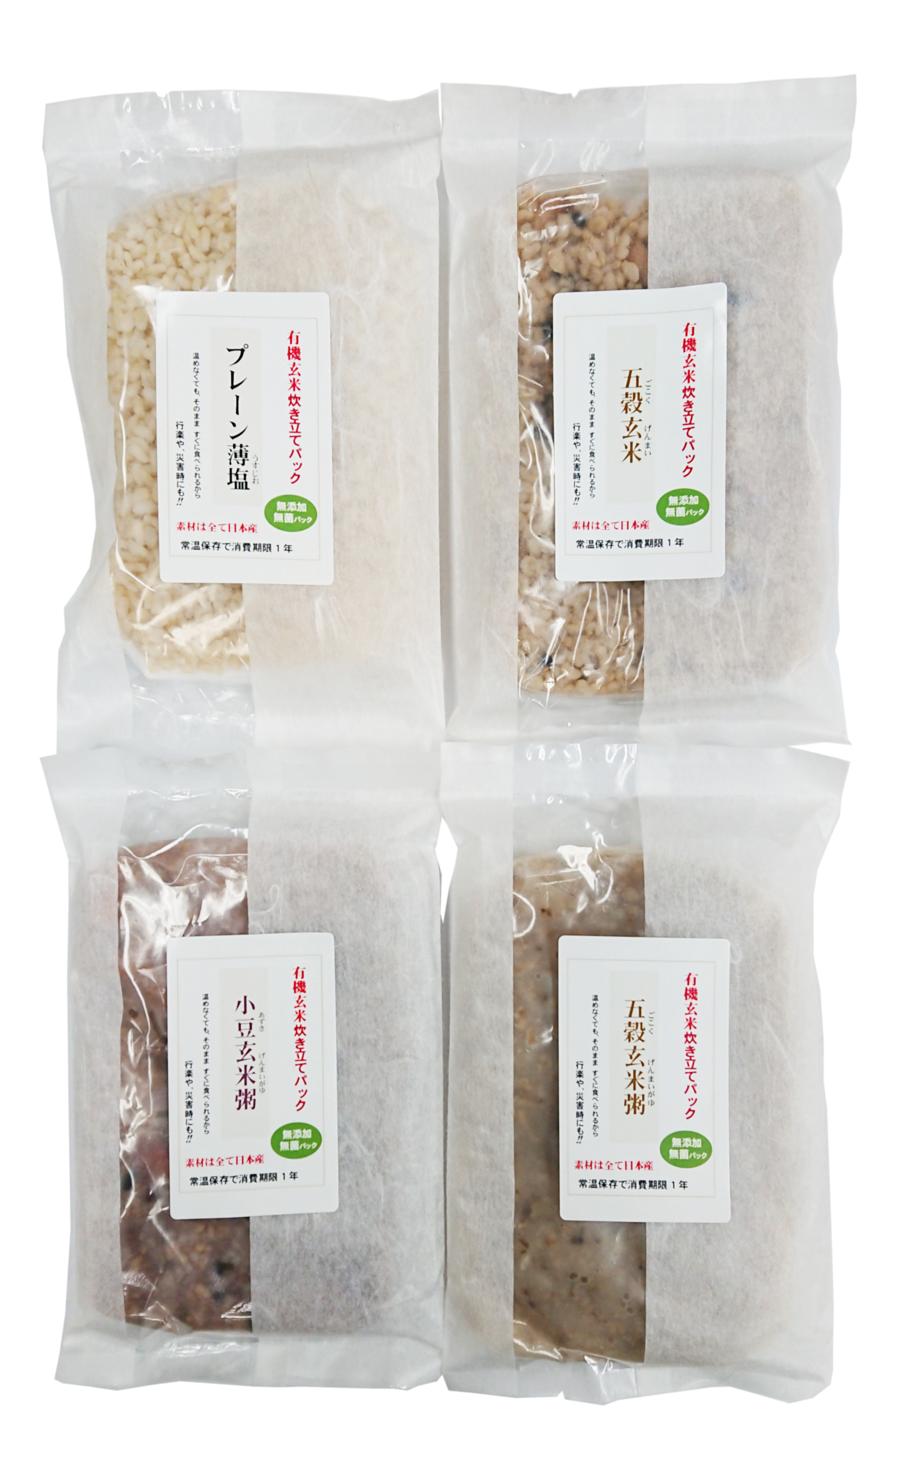 『玄米食の新型レトルトパック』の4種類のセットです。